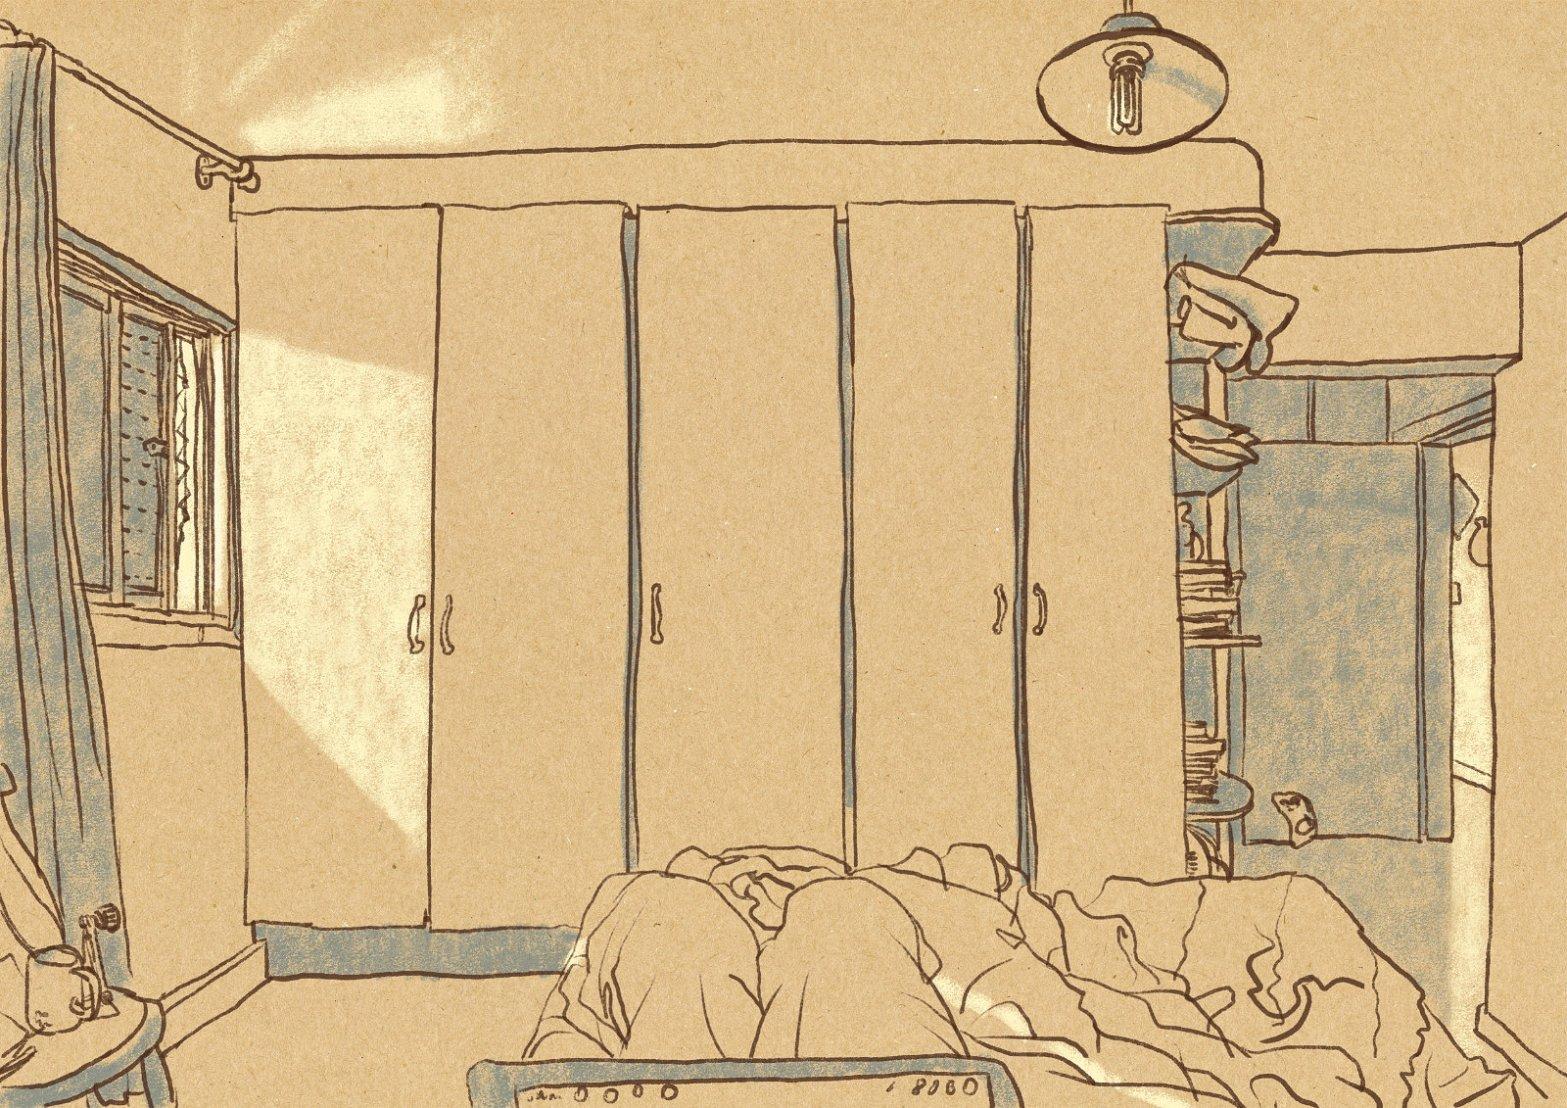 Desenho a traço em primeira pessoa do interior do quarto, sobre fundo imitando papel kraft